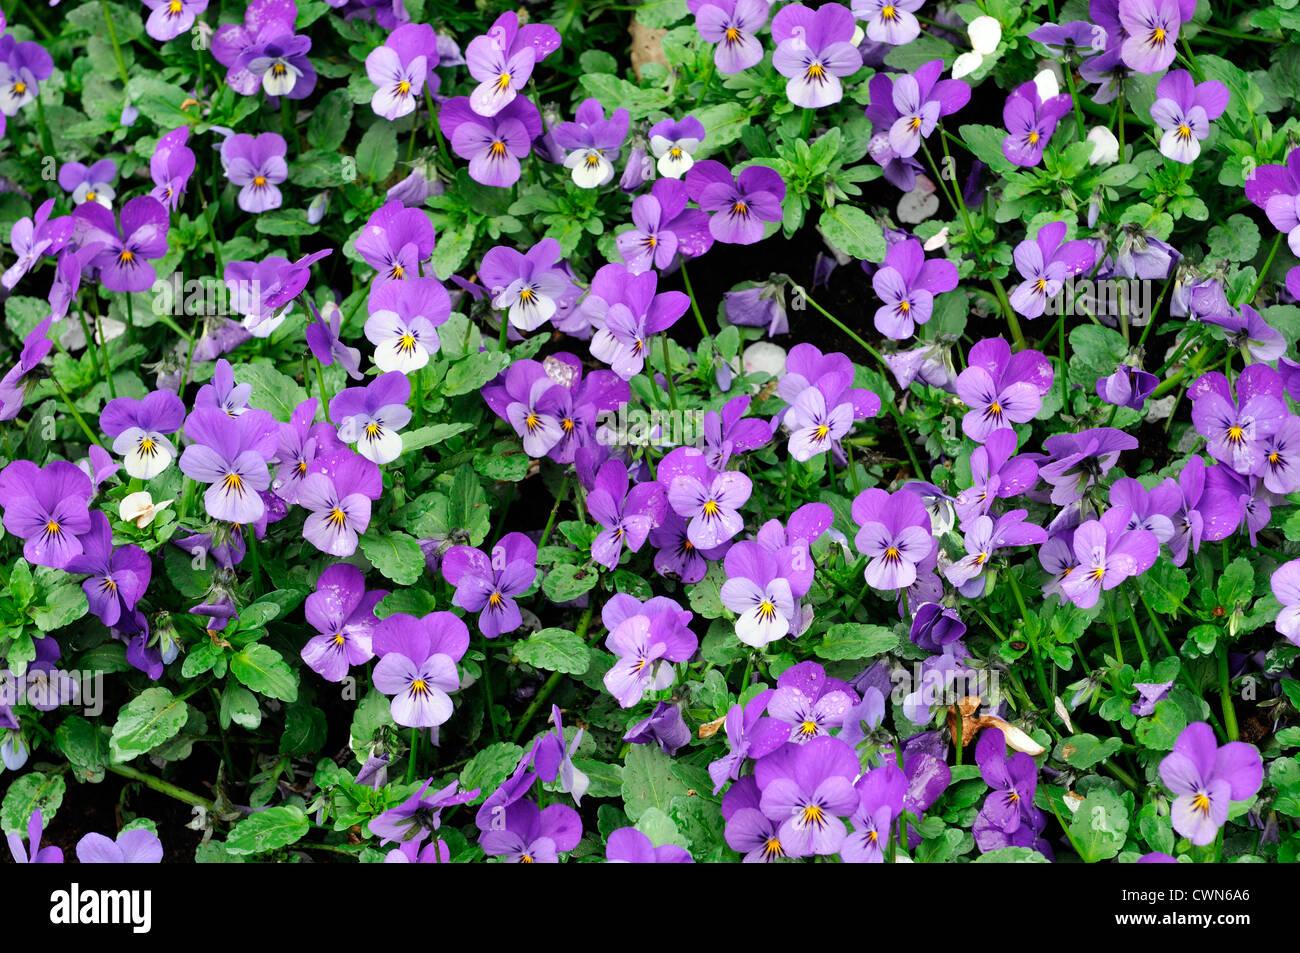 spring flower display purple viola violet perennial bed bloom blooming - Stock Image